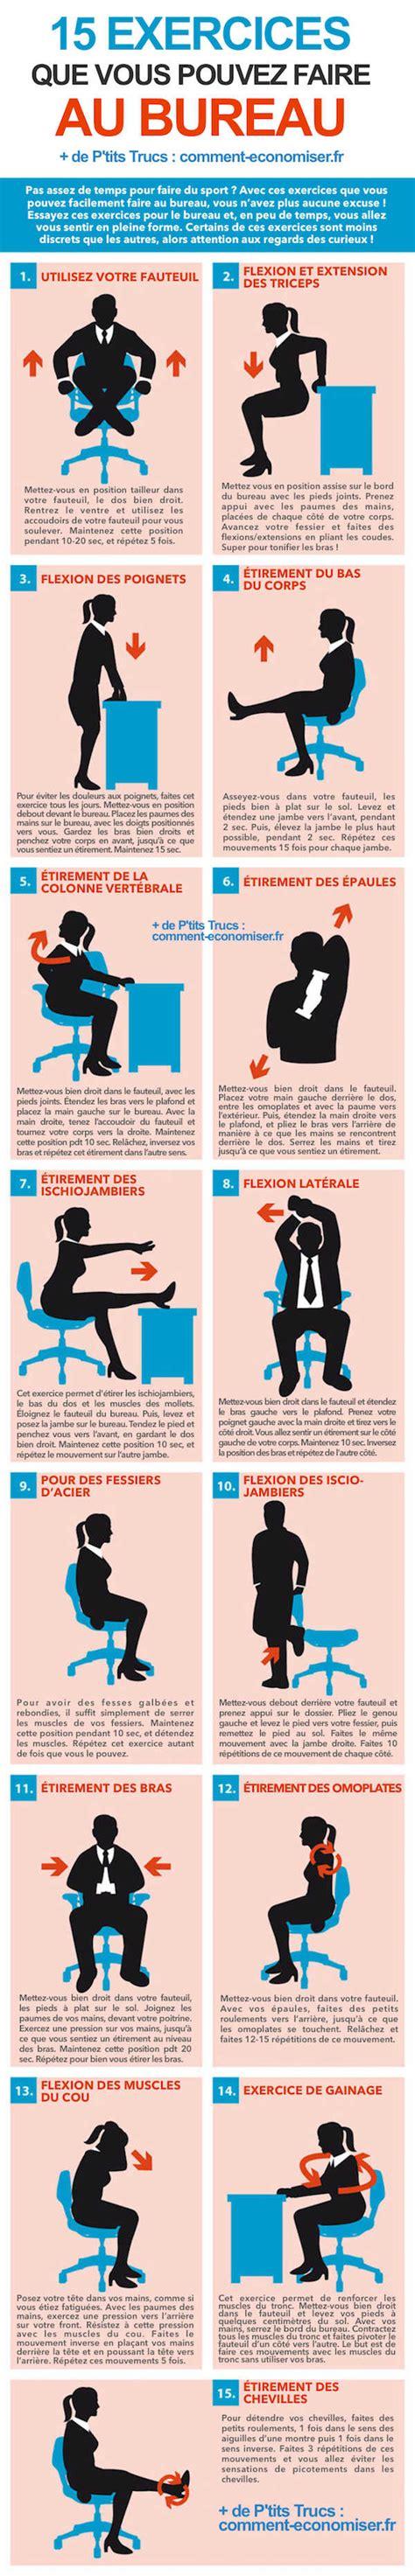 sport au bureau 15 exercices faciles à faire au bureau ni vu ni connu